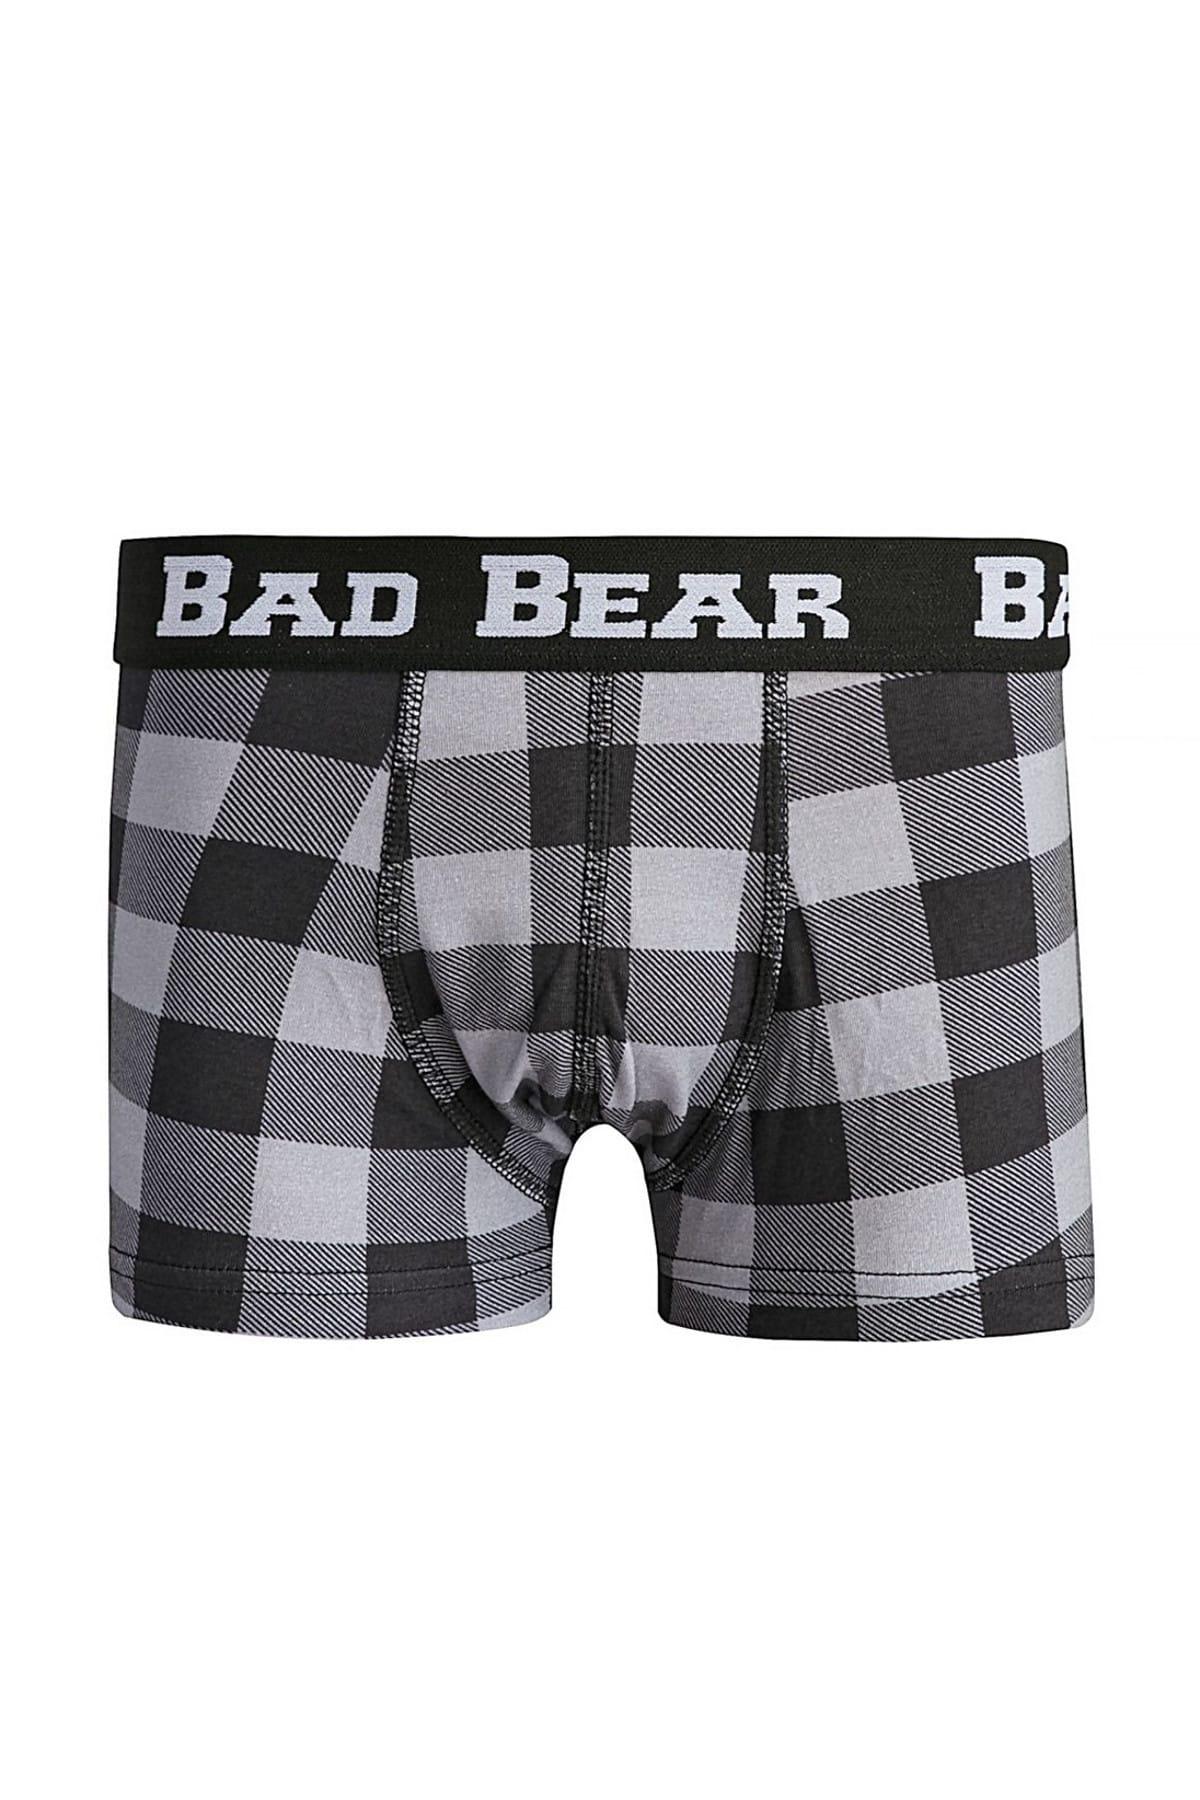 Bad Bear CHECKED NAVY 2